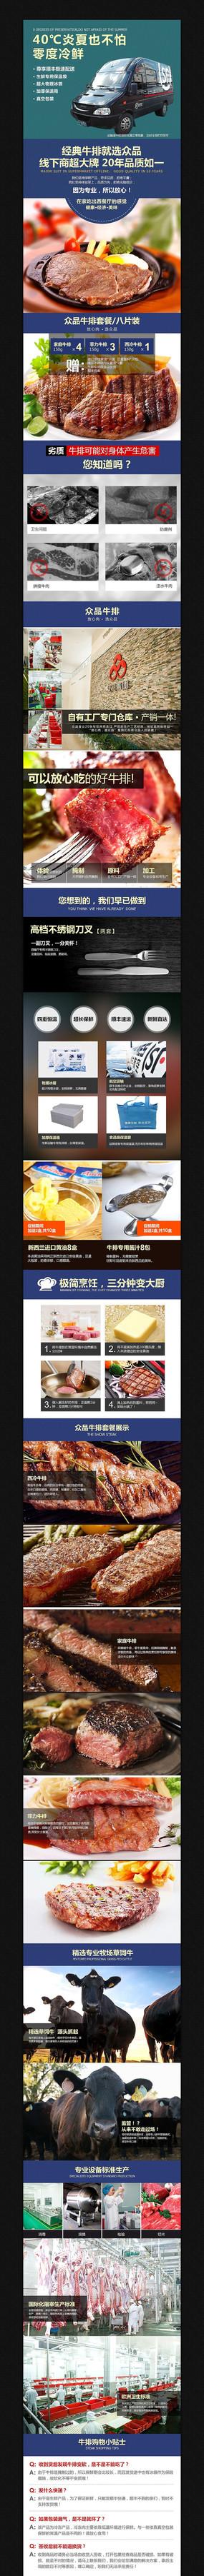 淘宝食品细节展示图PSD模板